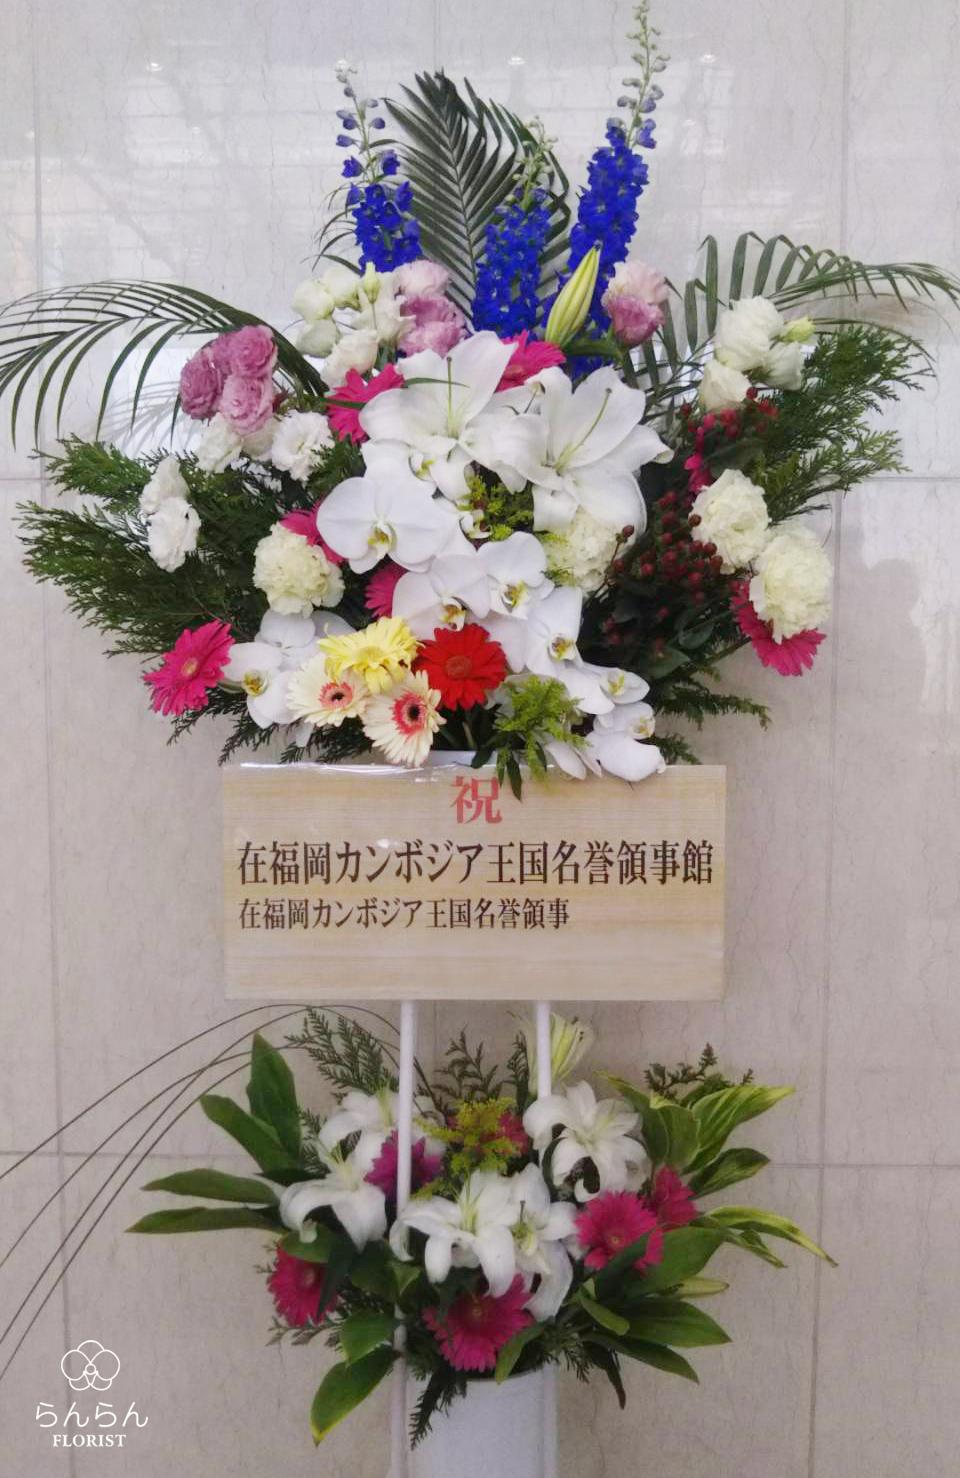 一般財団法人カンボジア地雷撤去キャンぺ―ン お祝いスタンド花